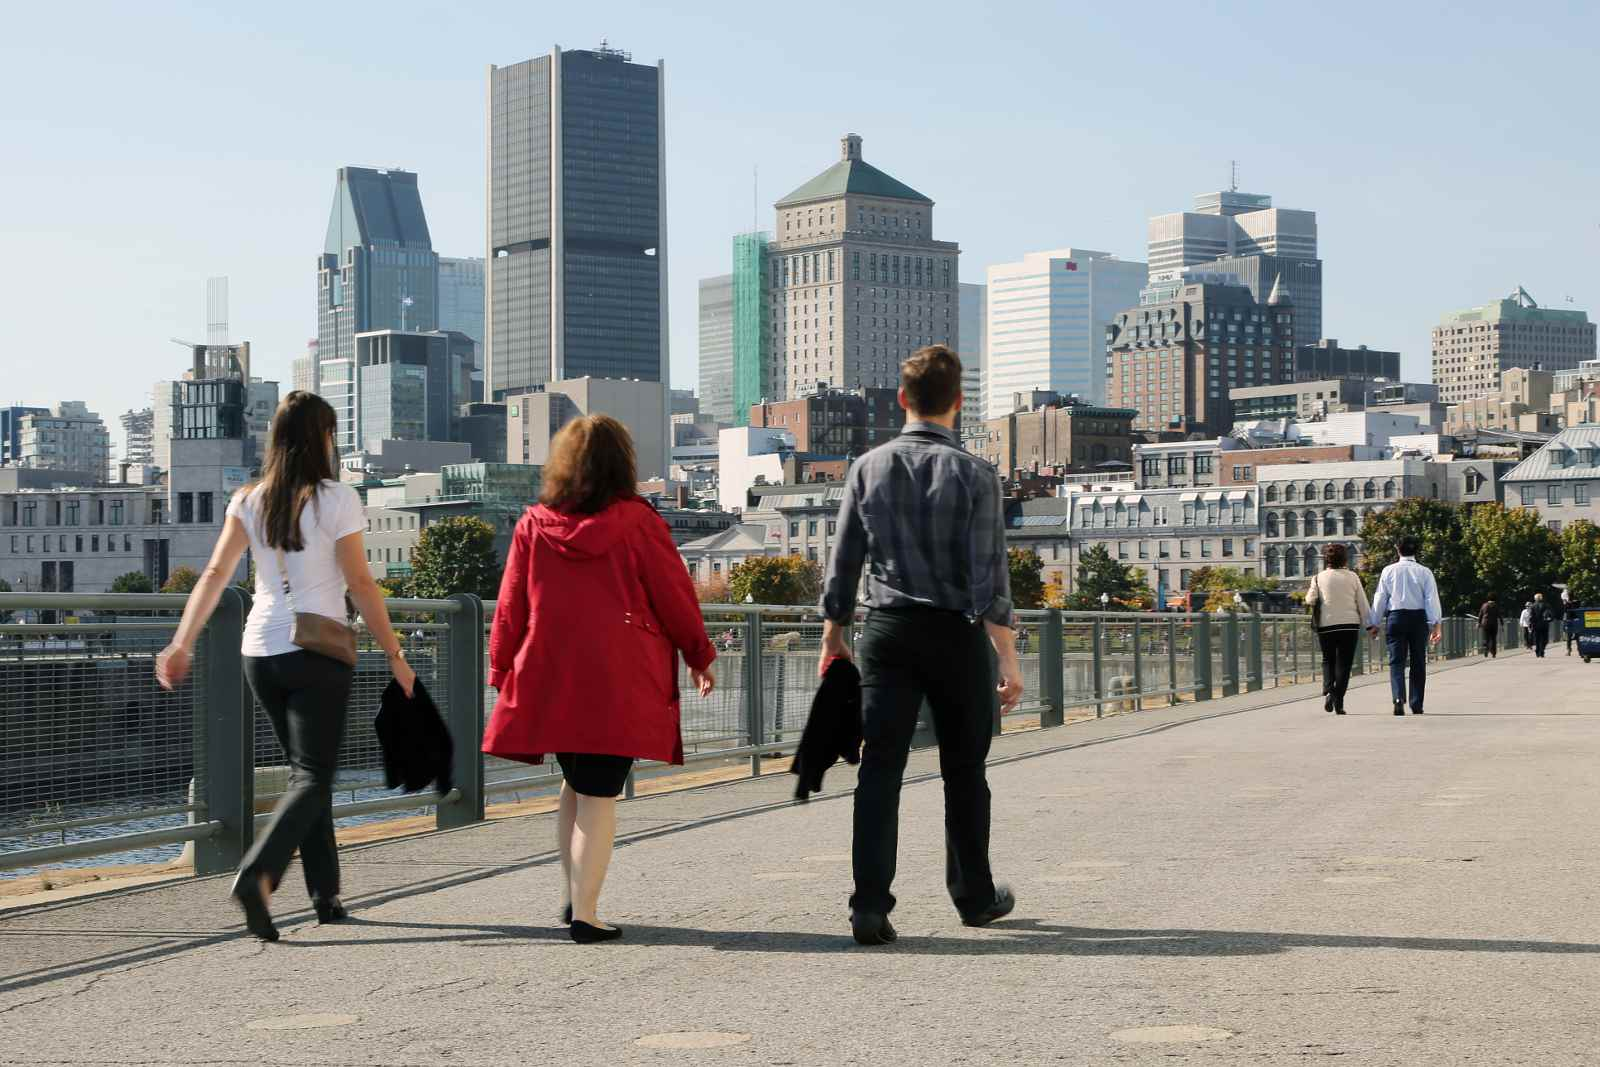 Eventos, festivales, regalos, conciertos, museos y guía meteorológica de Montreal en septiembre